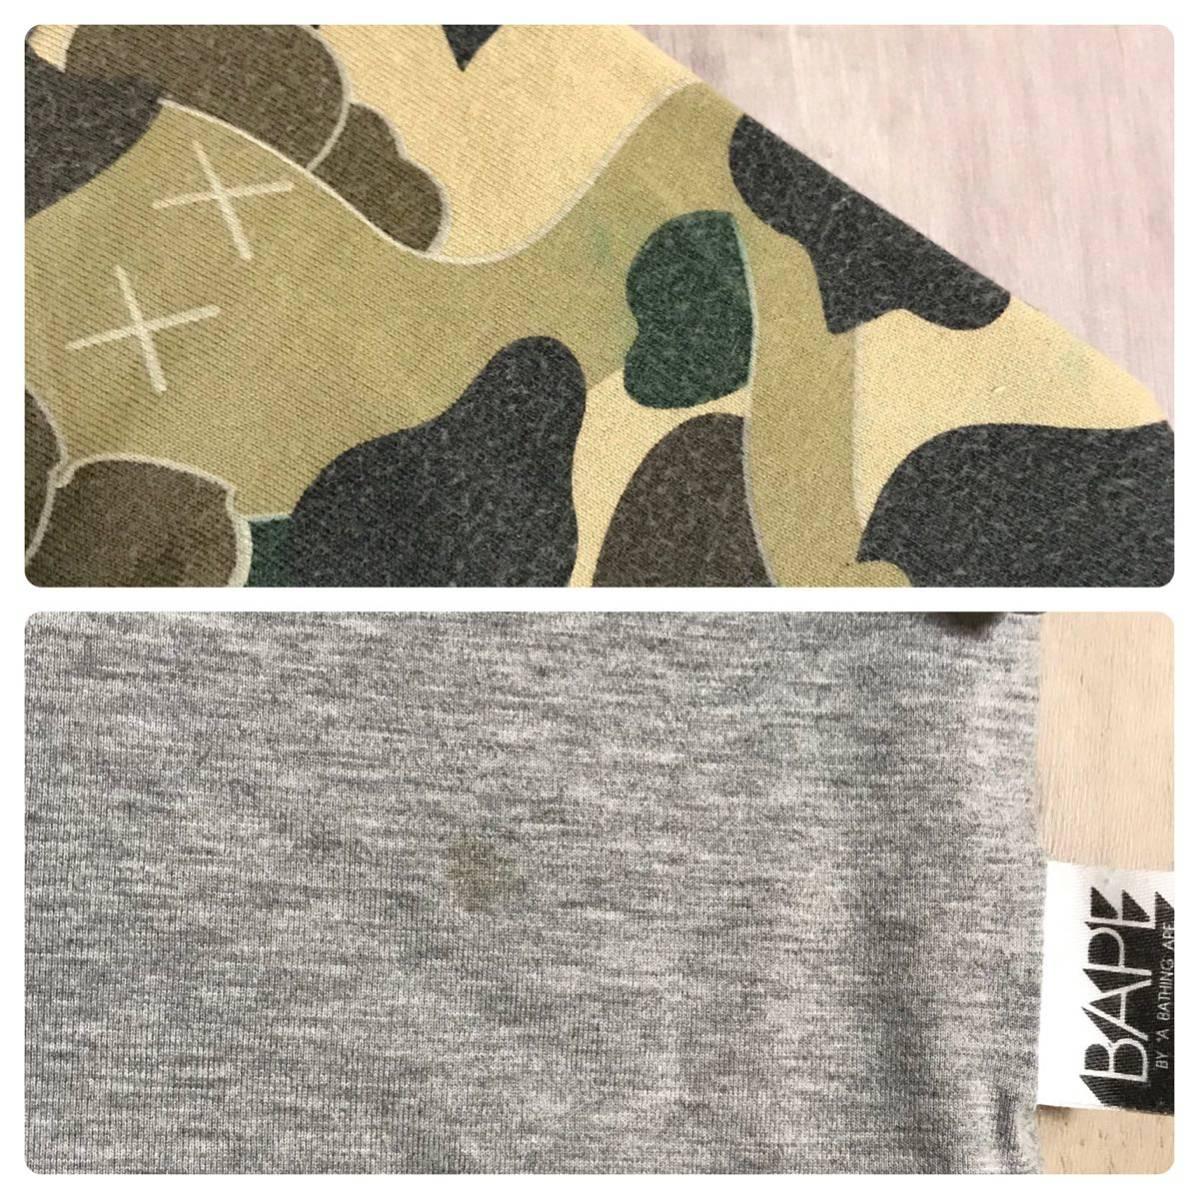 ★リバーシブル★ kaws 1st camo ロンT Mサイズ a bathing ape bape カウズ エイプ ベイプ アベイシングエイプ original fake 迷彩 Tシャツ